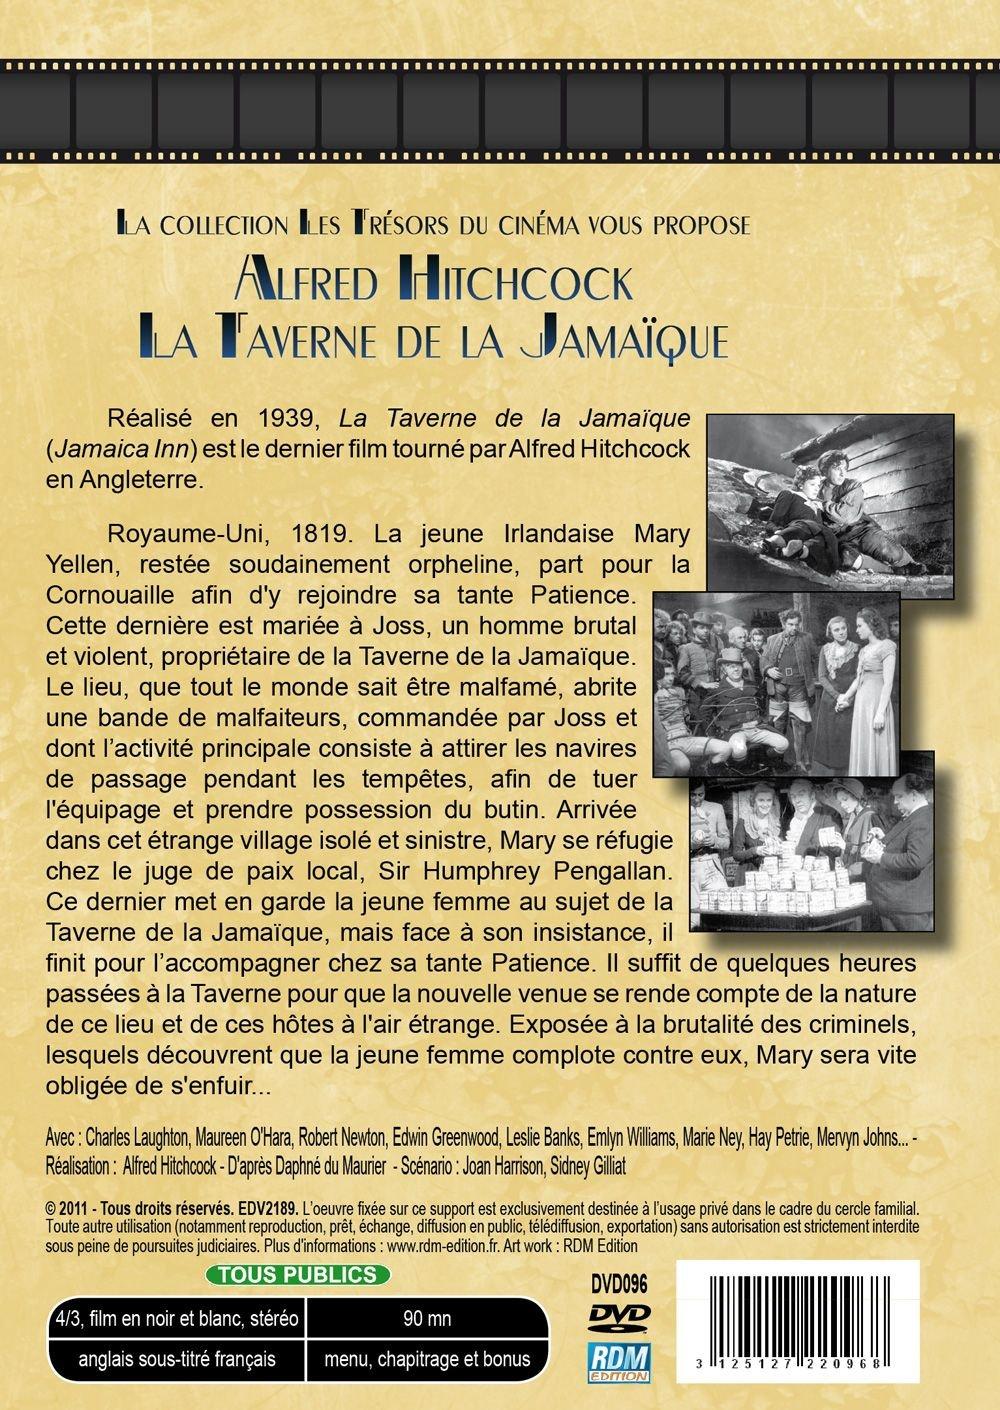 La taverne de la Jamaque [Francia] [DVD]: Amazon.es: Charles Laughton, Horace Hodges, Hay Petrie, Alfred Hitchcock: Cine y Series TV